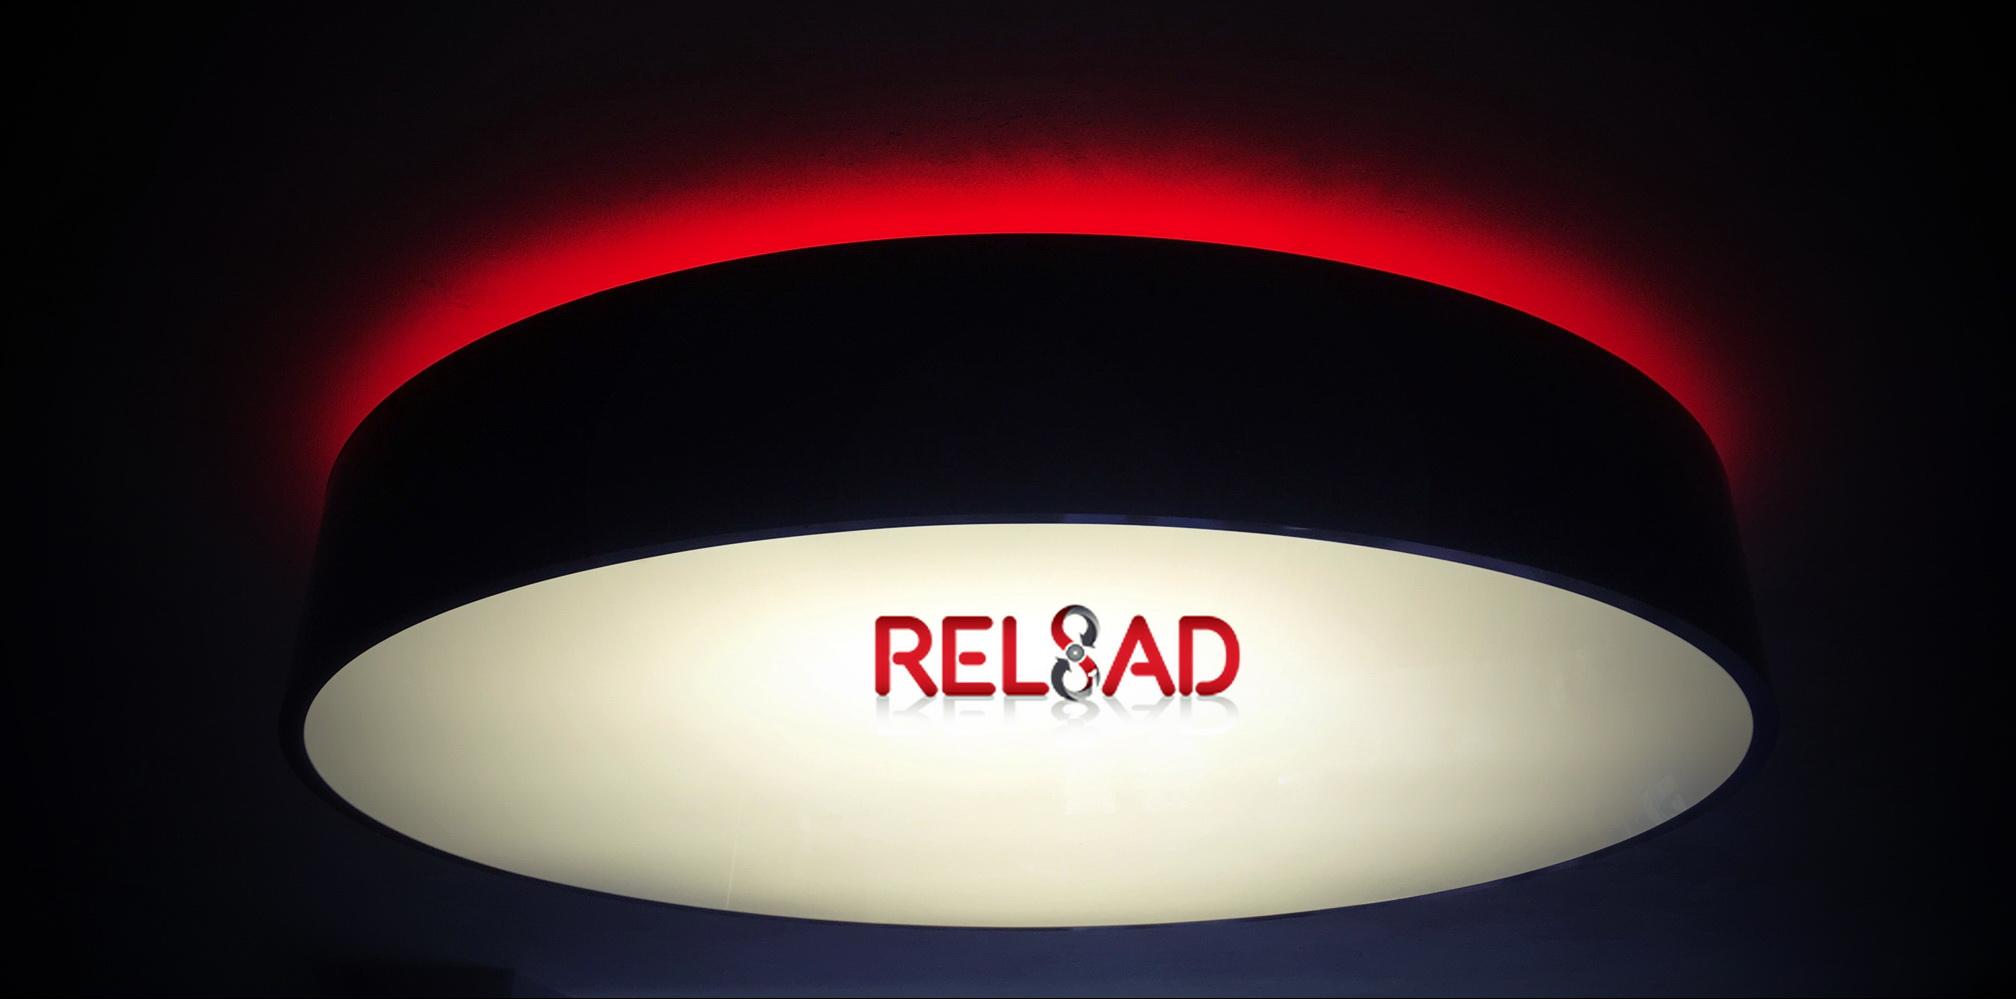 Το δισκάδικο Reload «χτίζεται» από το μηδέν και μεταμορφώνεται σε σύγχρονο loft με industrial αισθητική!